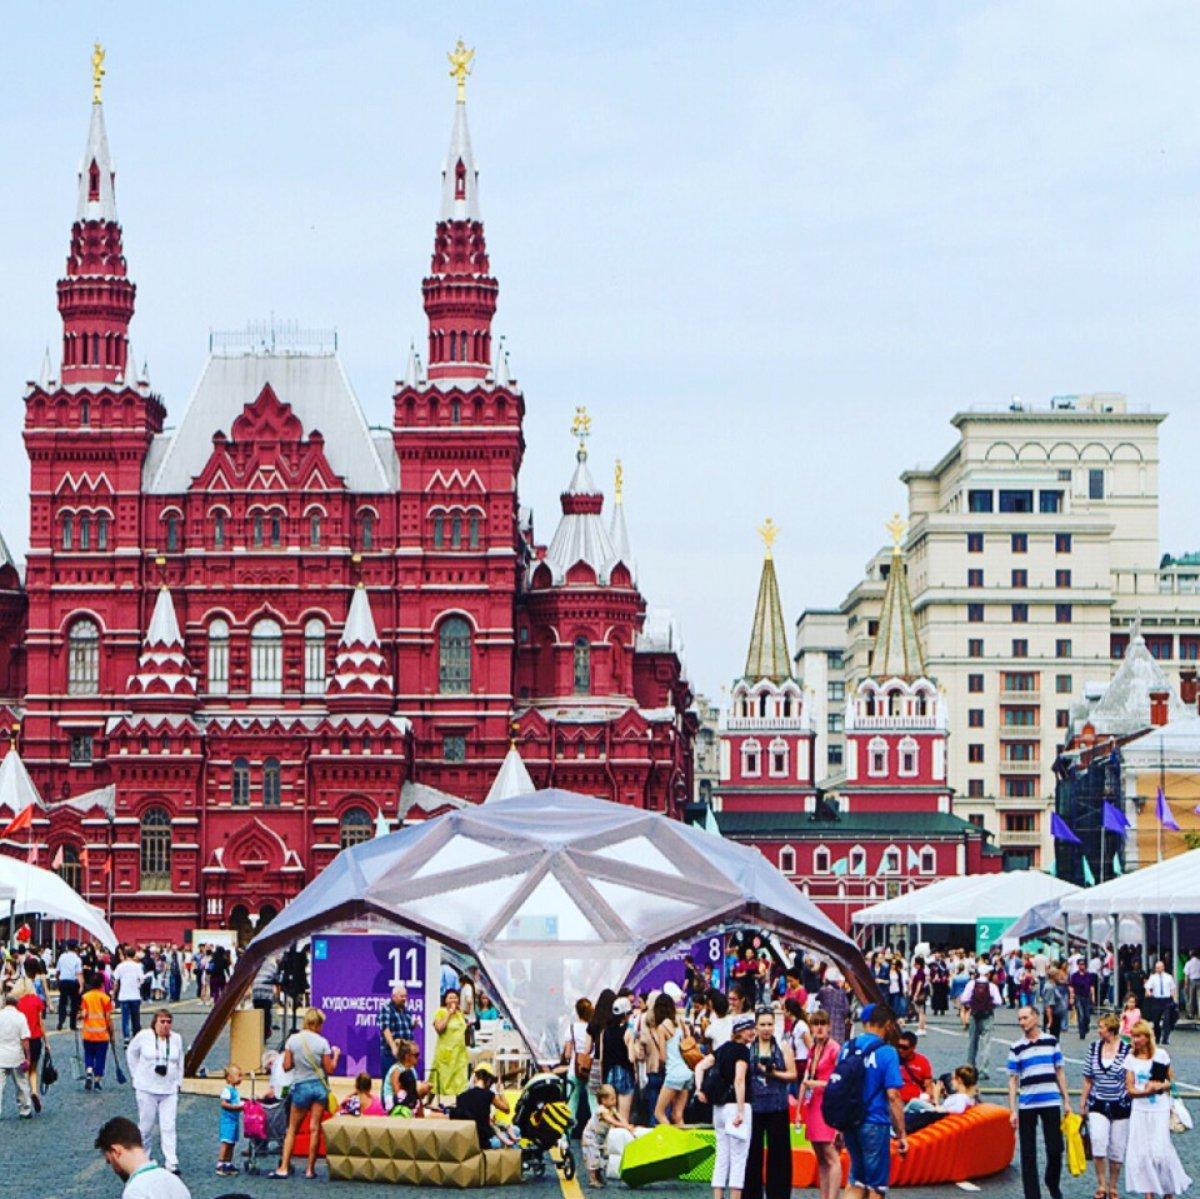 1 июня в Москве на Красной площади стартует V книжный фестиваль. Грандиозный литературный праздник объединит писателей